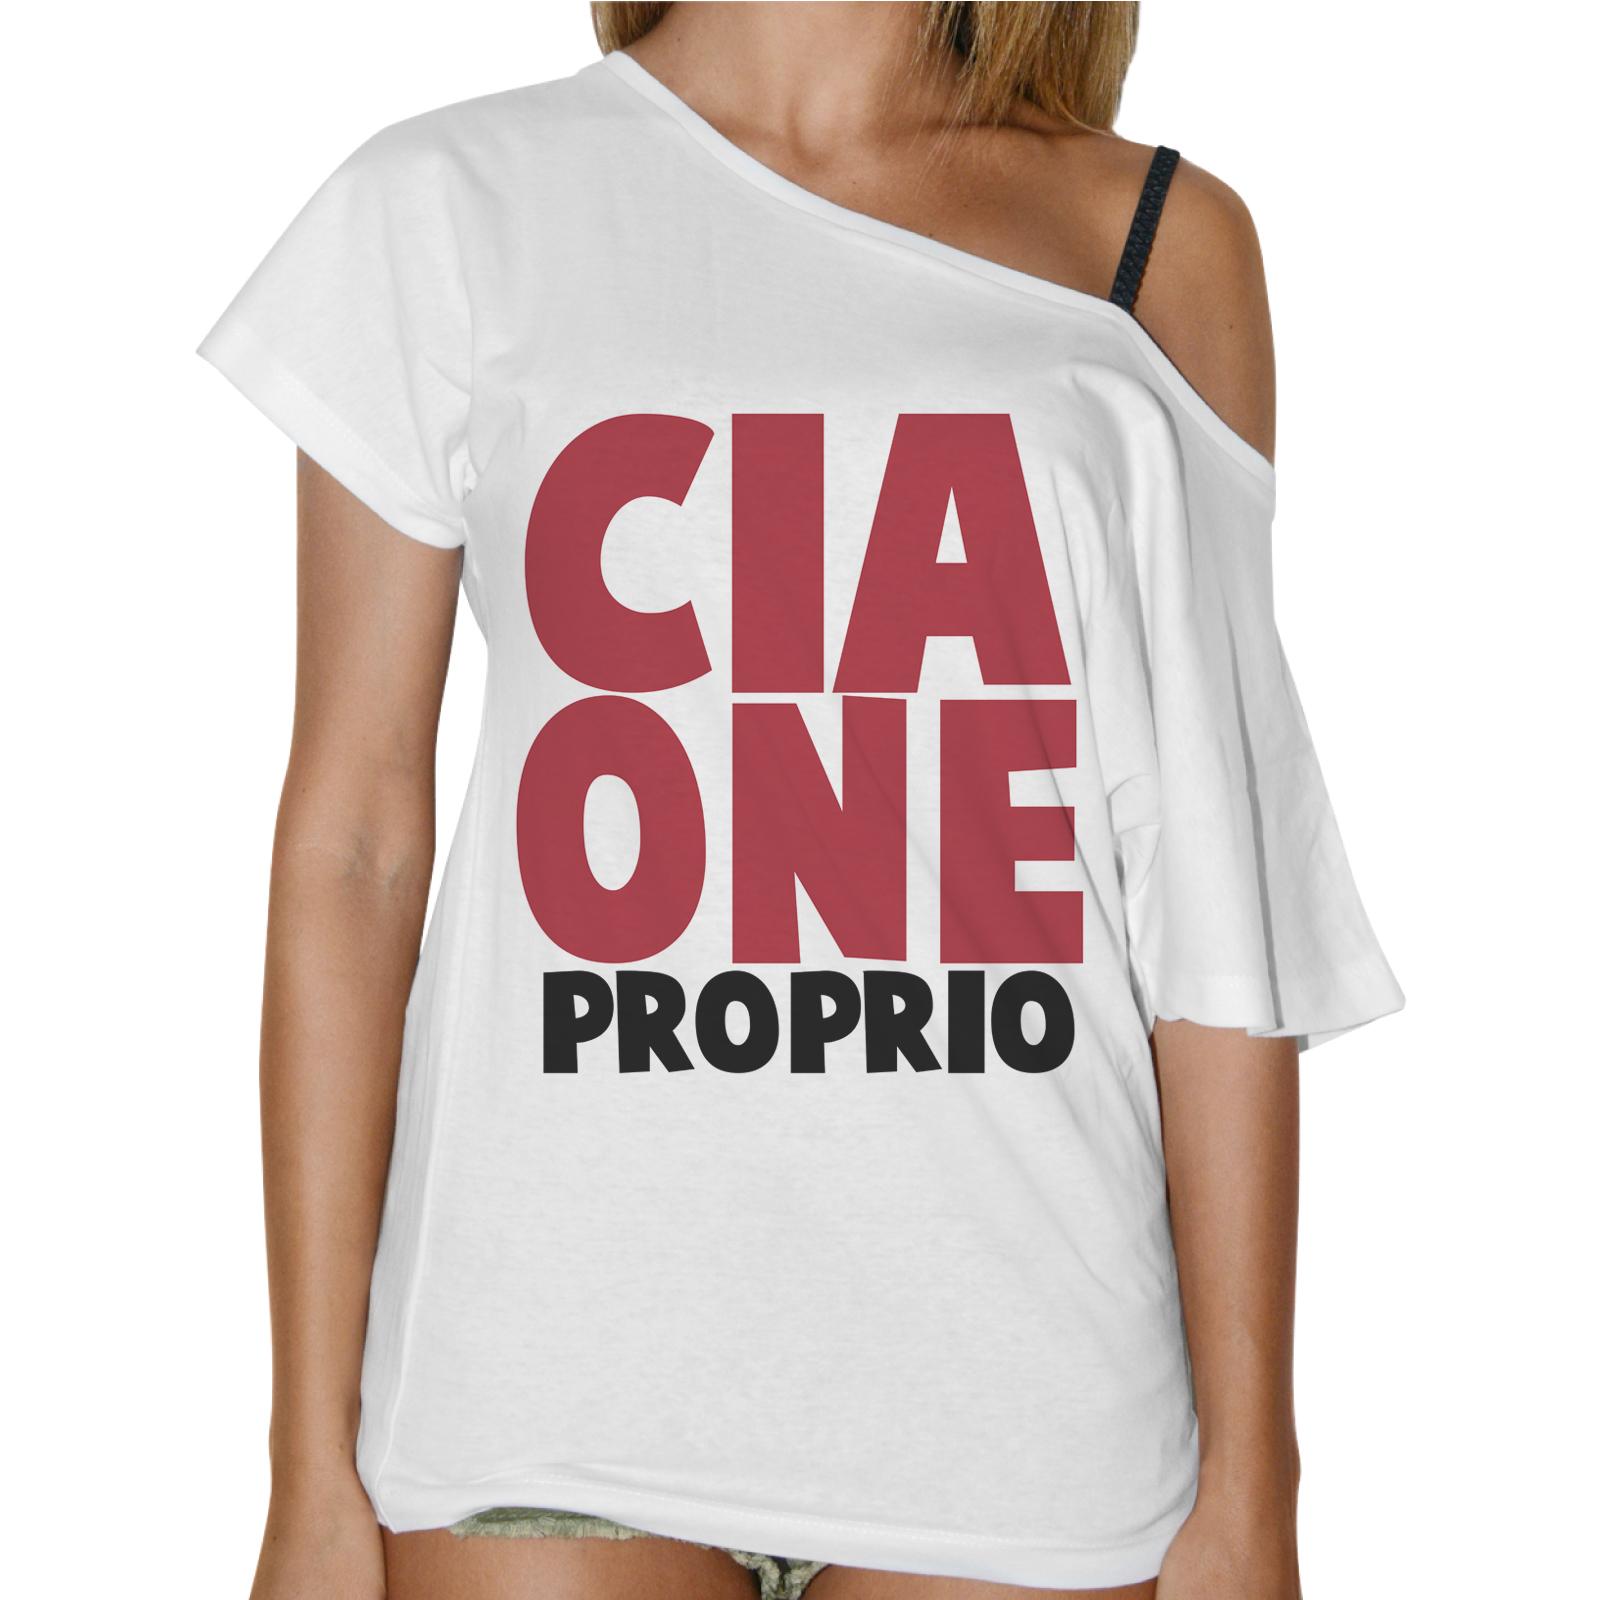 T-Shirt Donna Collo Barca CIAONE PROPRIO